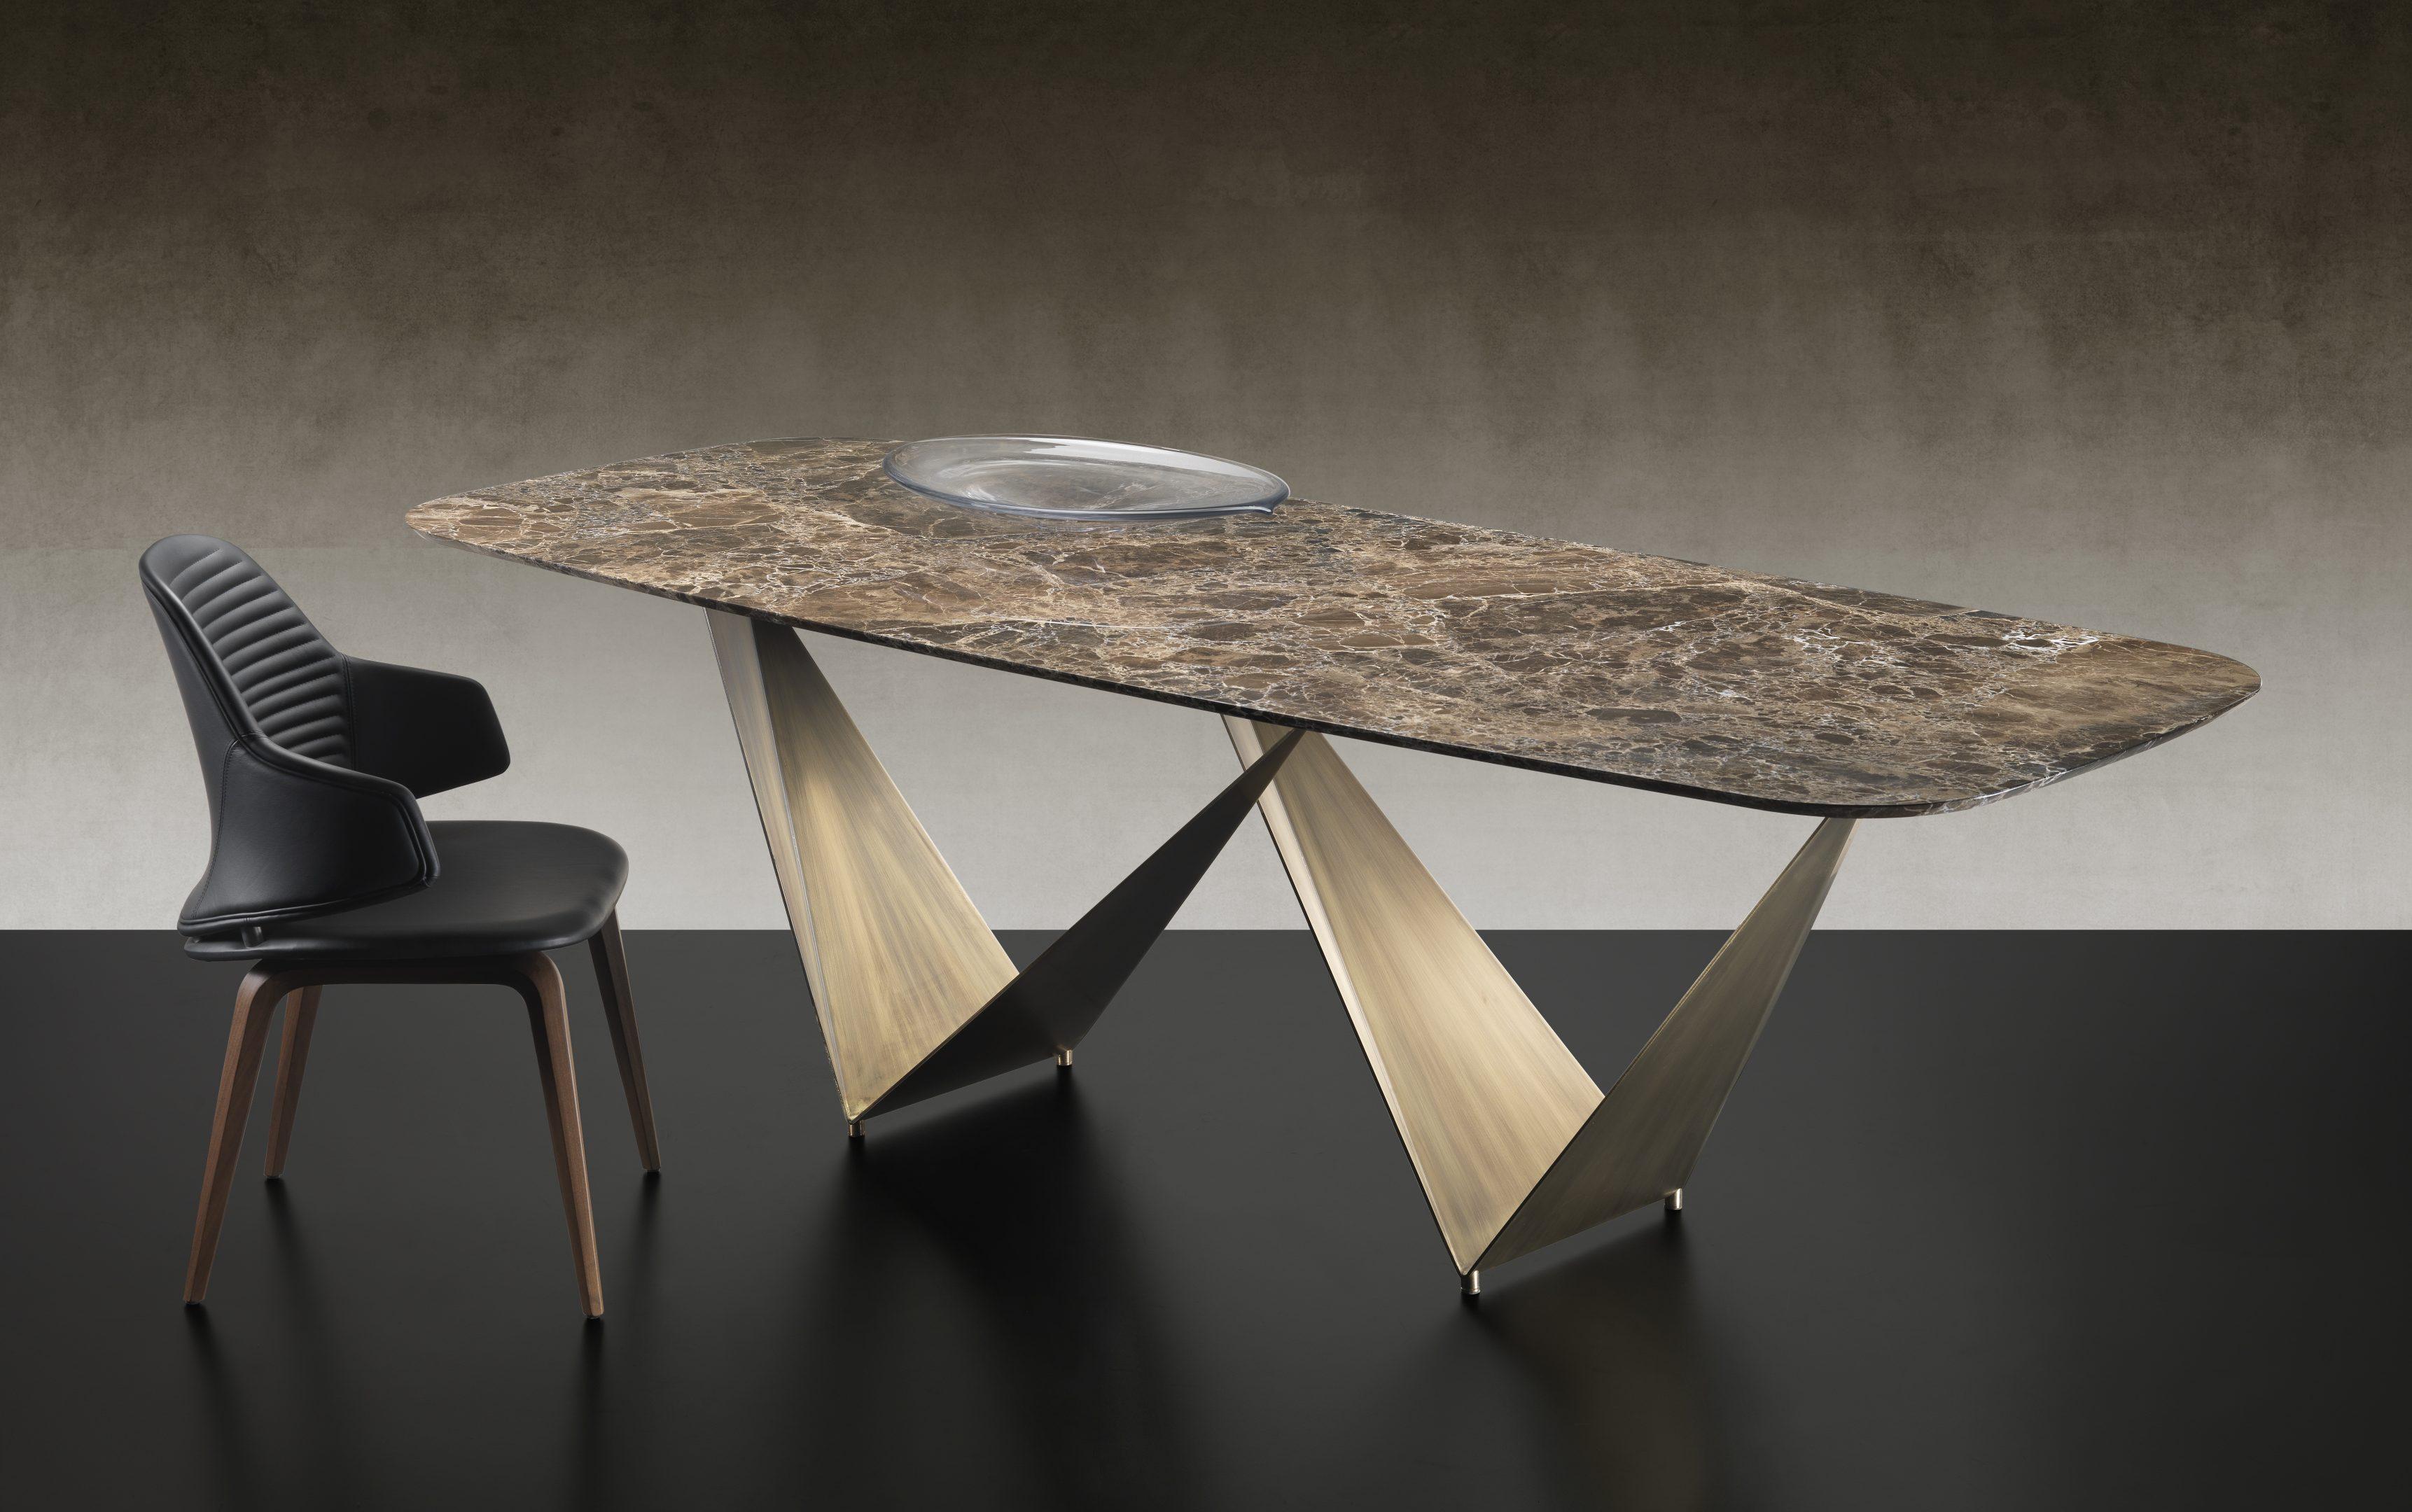 Prizma Dining Table